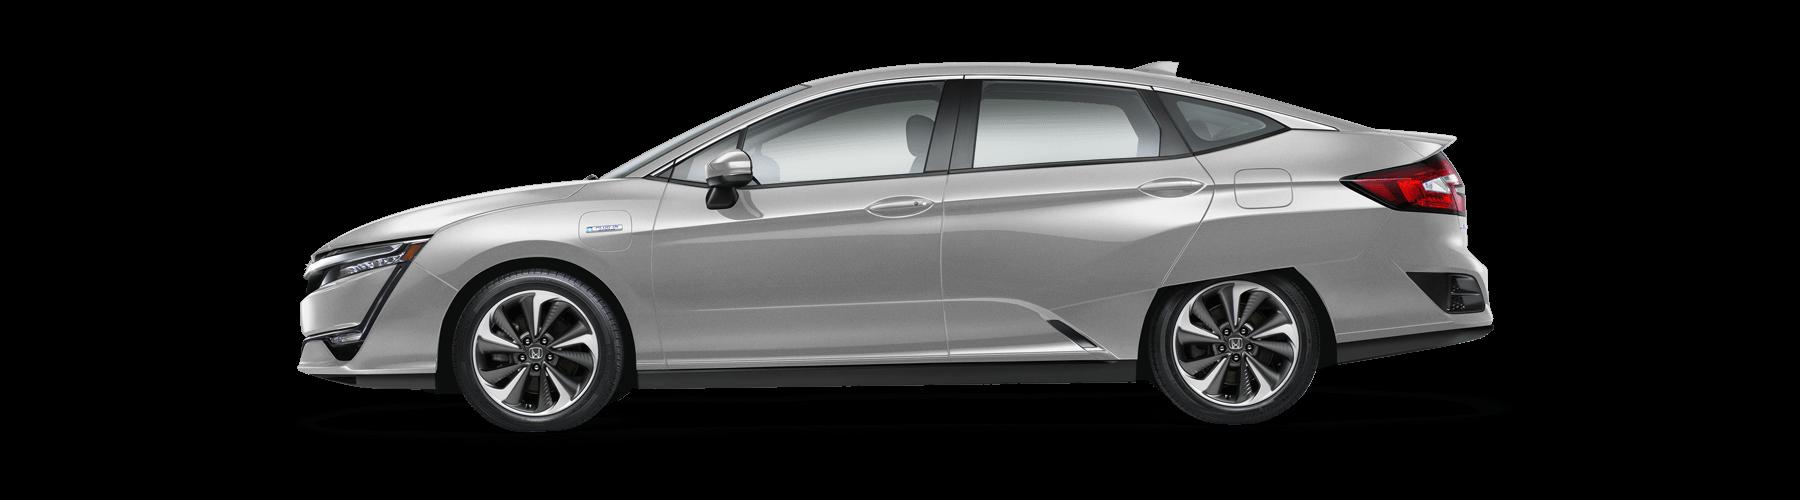 2018 Honda Clarity Plug-In Hybrid Side Profile